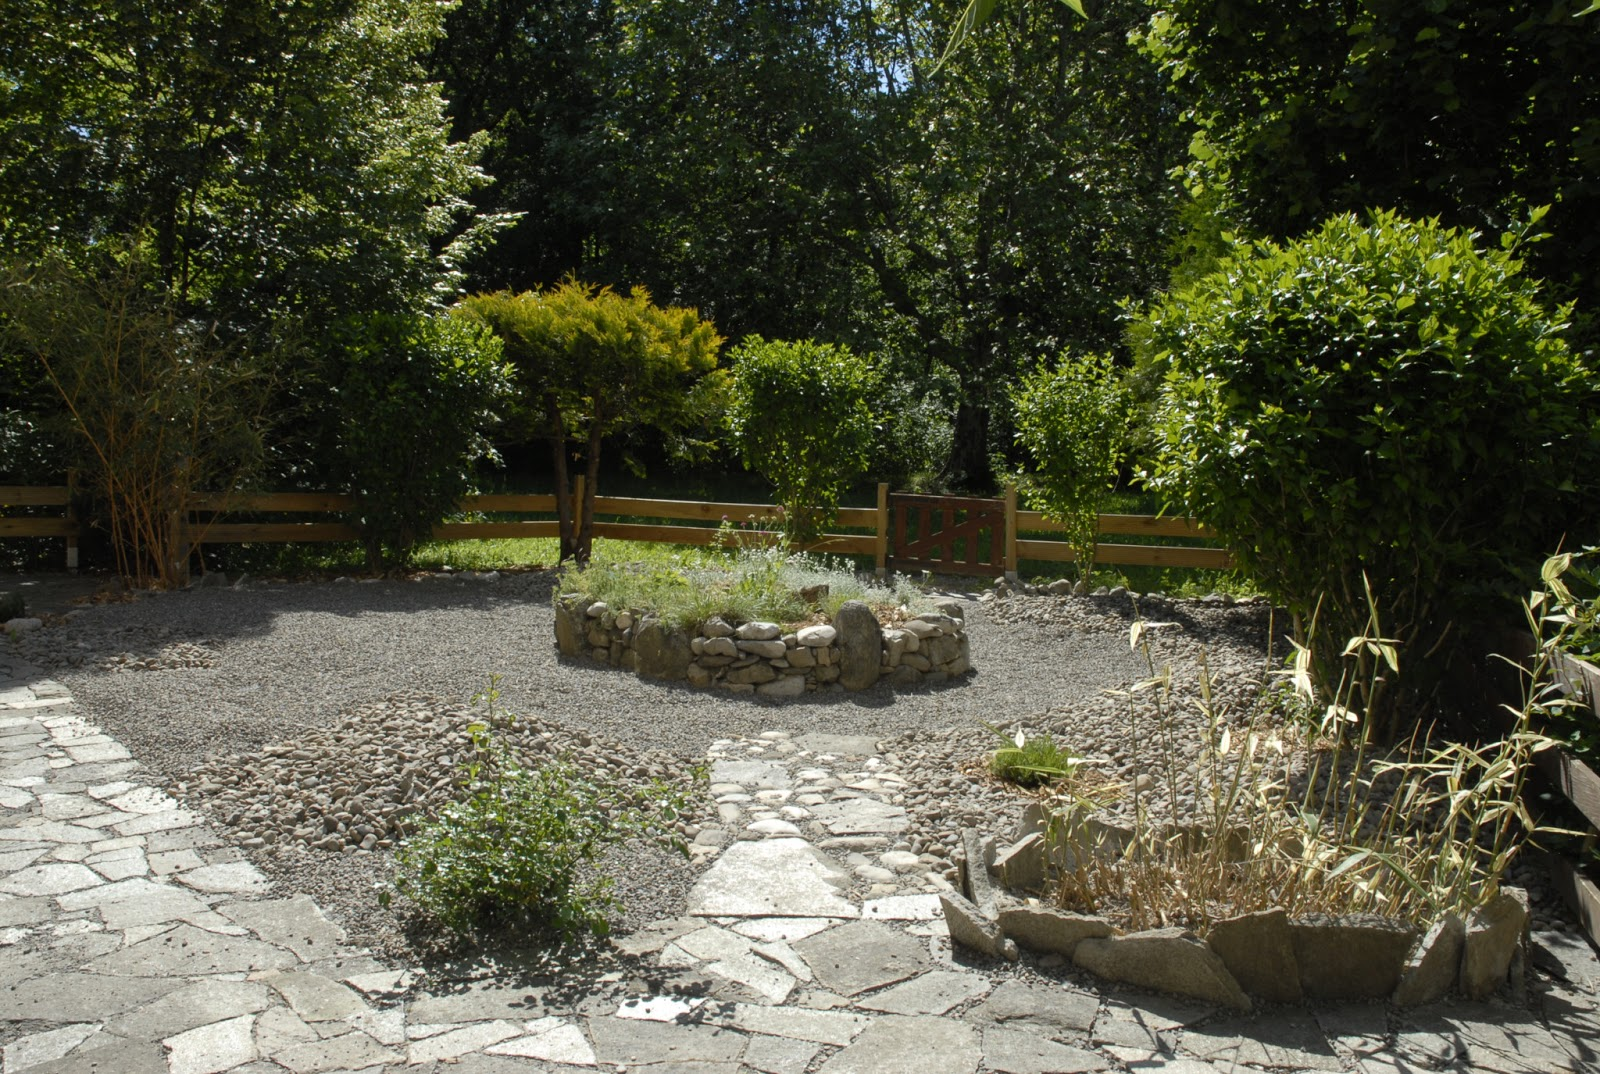 Le sens des jardins chantier 2012 un jardin min ral 05 for Cherche paysagiste